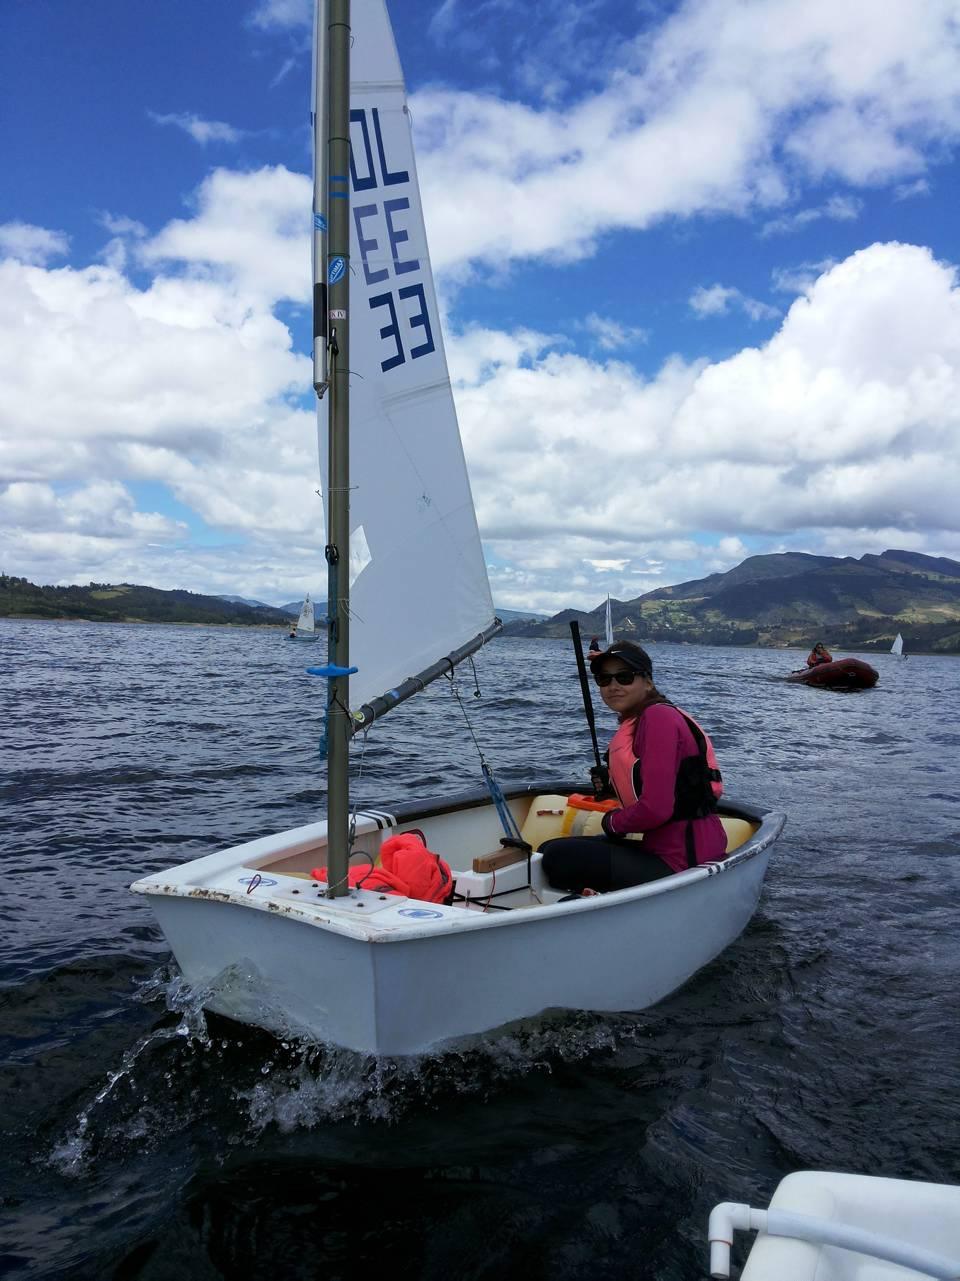 Satnader tiene su cuota de ganadores de vela nuestra - Club nautico santander ...